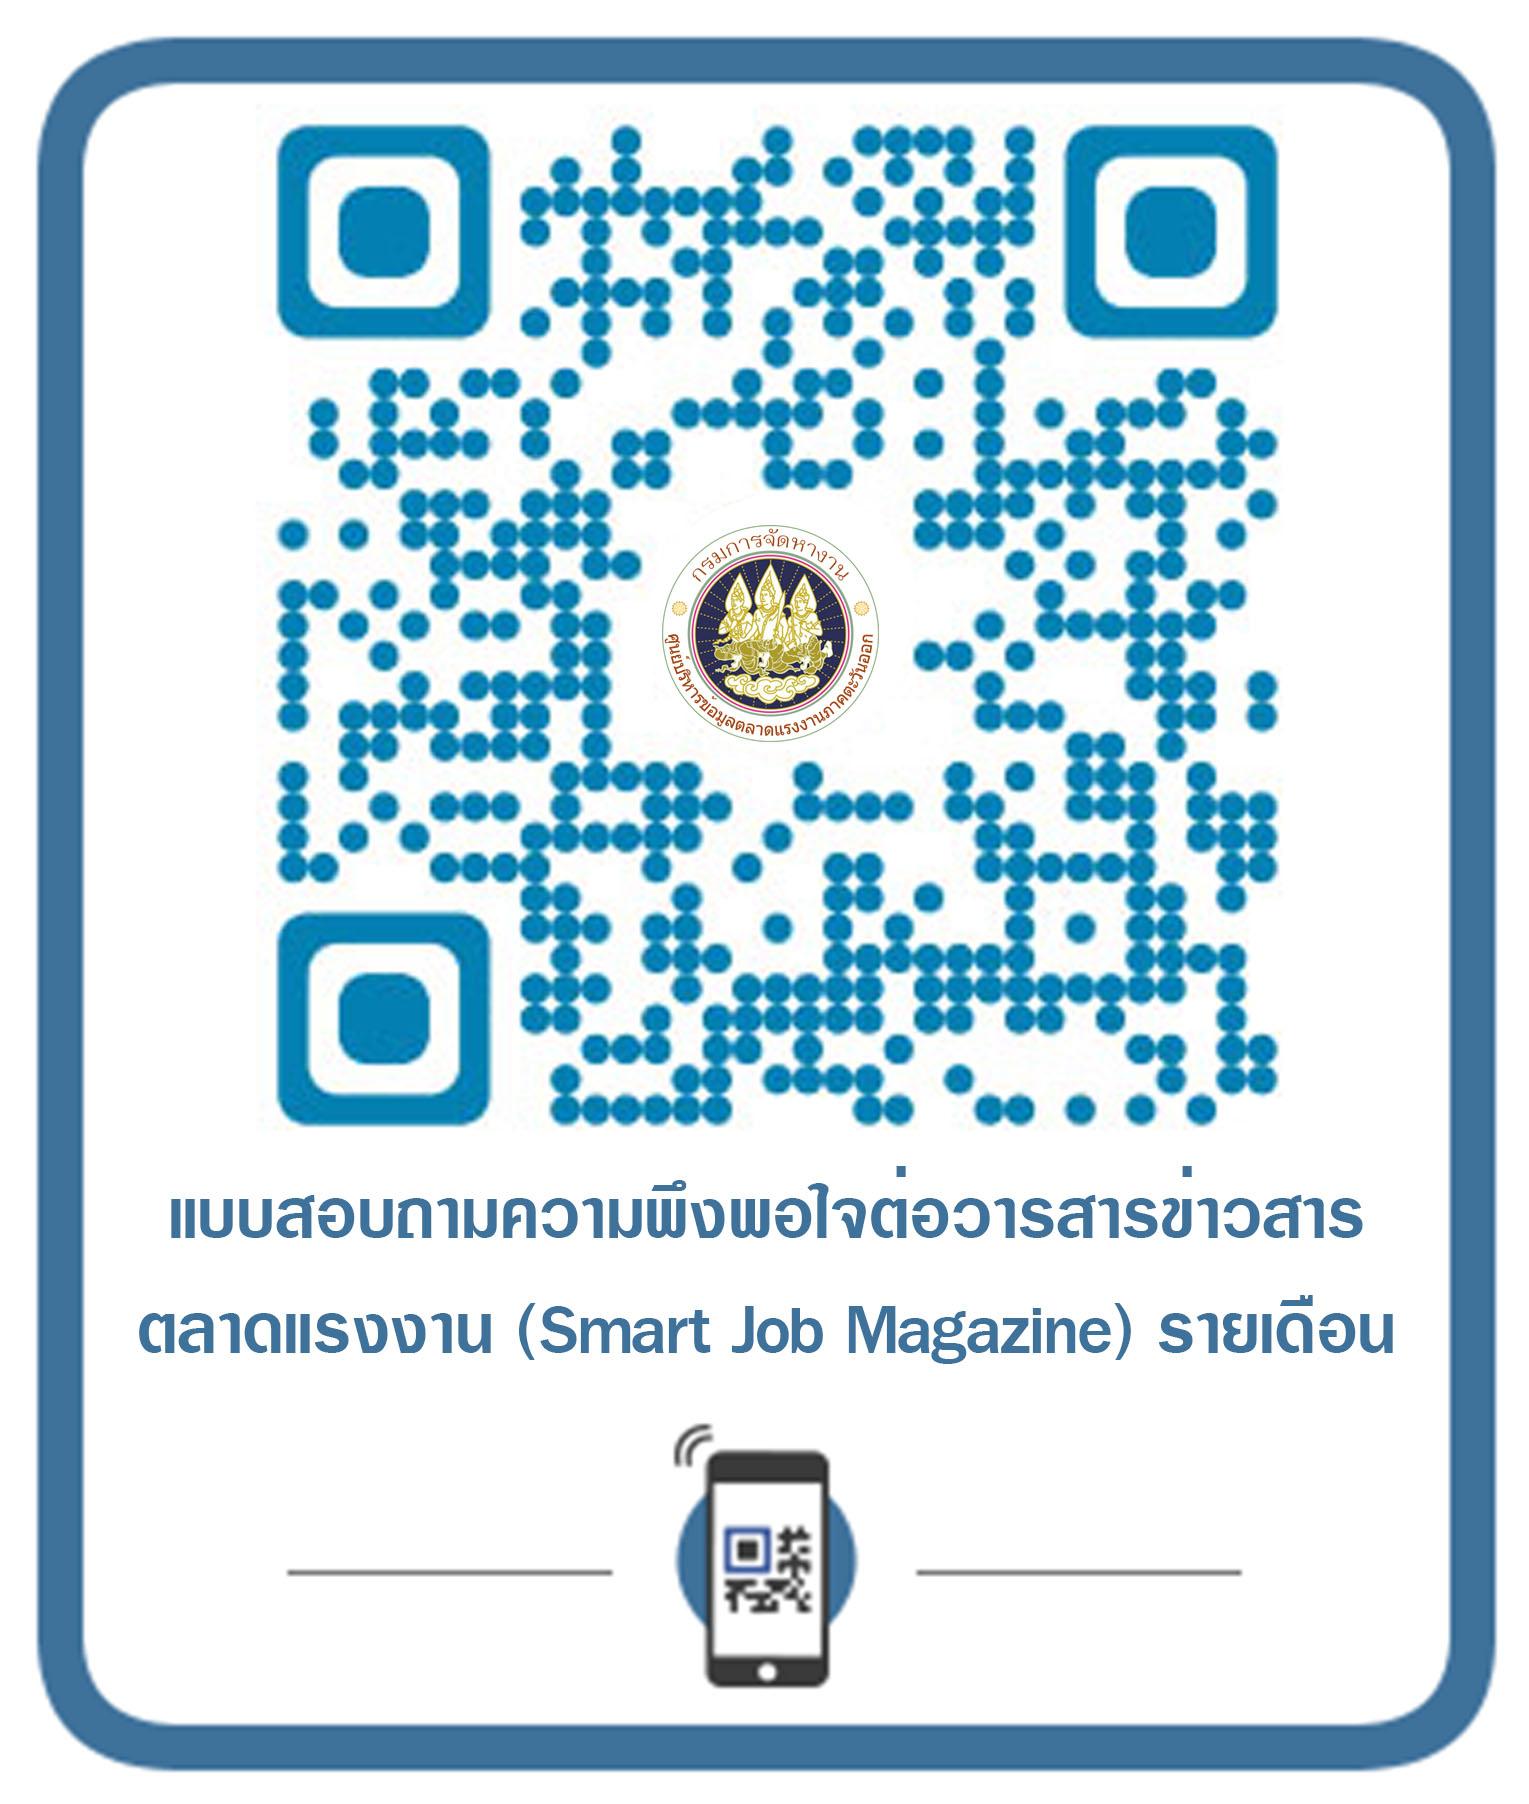 แบบสอบถามความพึงพอใจต่อวารสารข่าวสารตลาดแรงงาน (Smart Job Magazine) รายเดือน